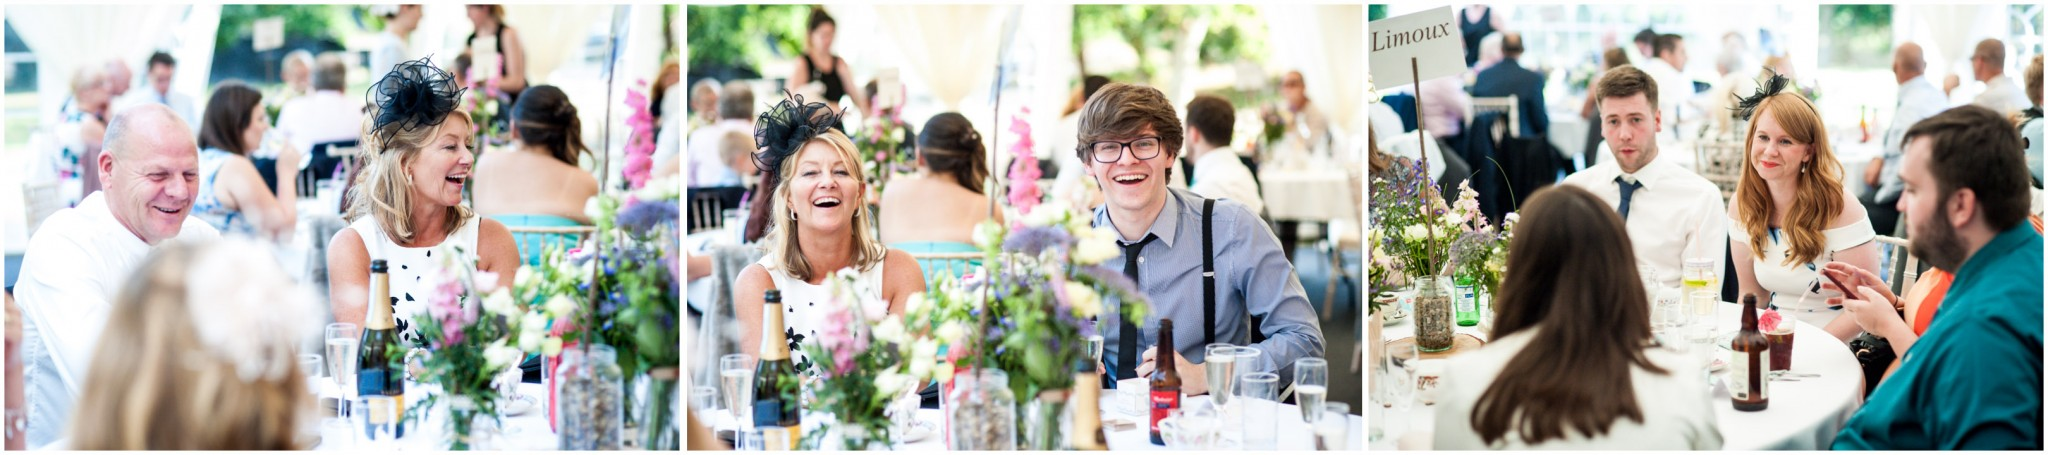 Tournerbury Woods Estate Wedding Guests laughing